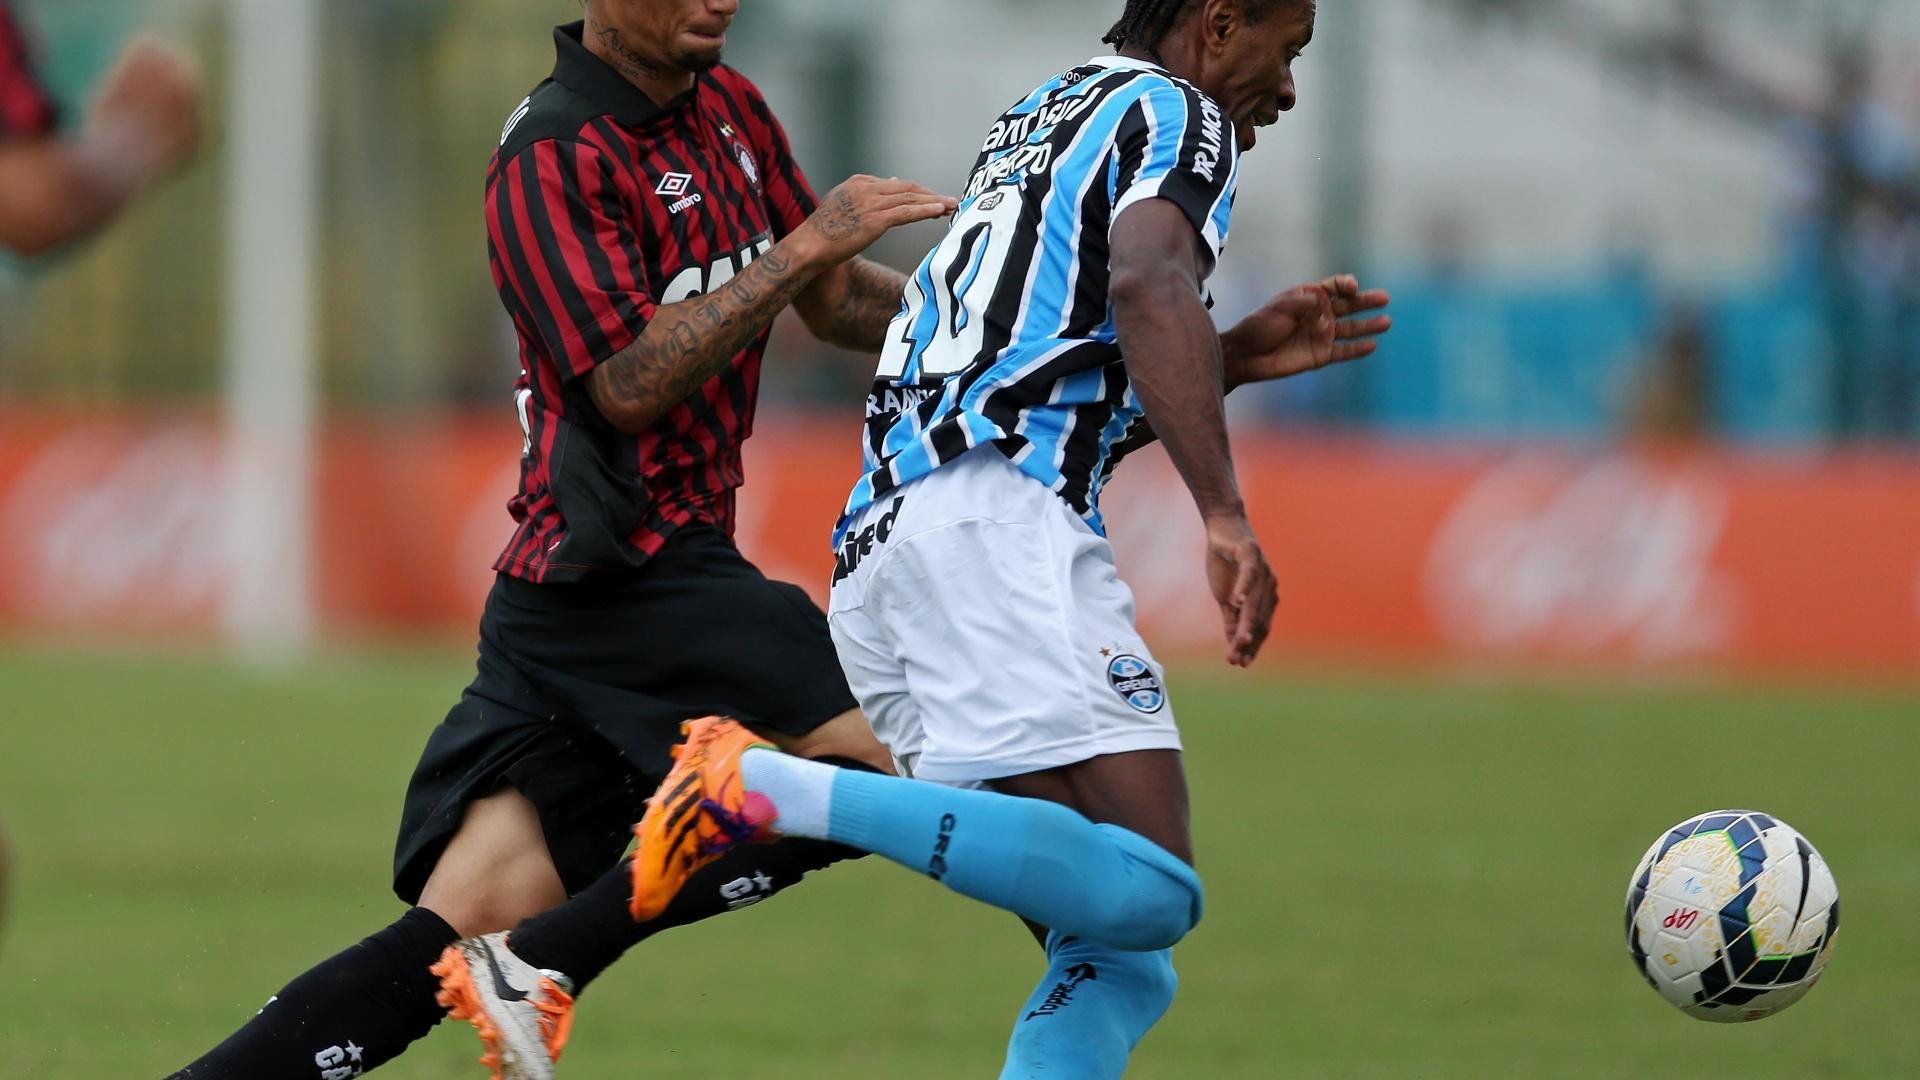 20/04/2014 - Zé Roberto avança com a bola para o Grêmio contra a marcação de João Paulo, do Atlético-PR